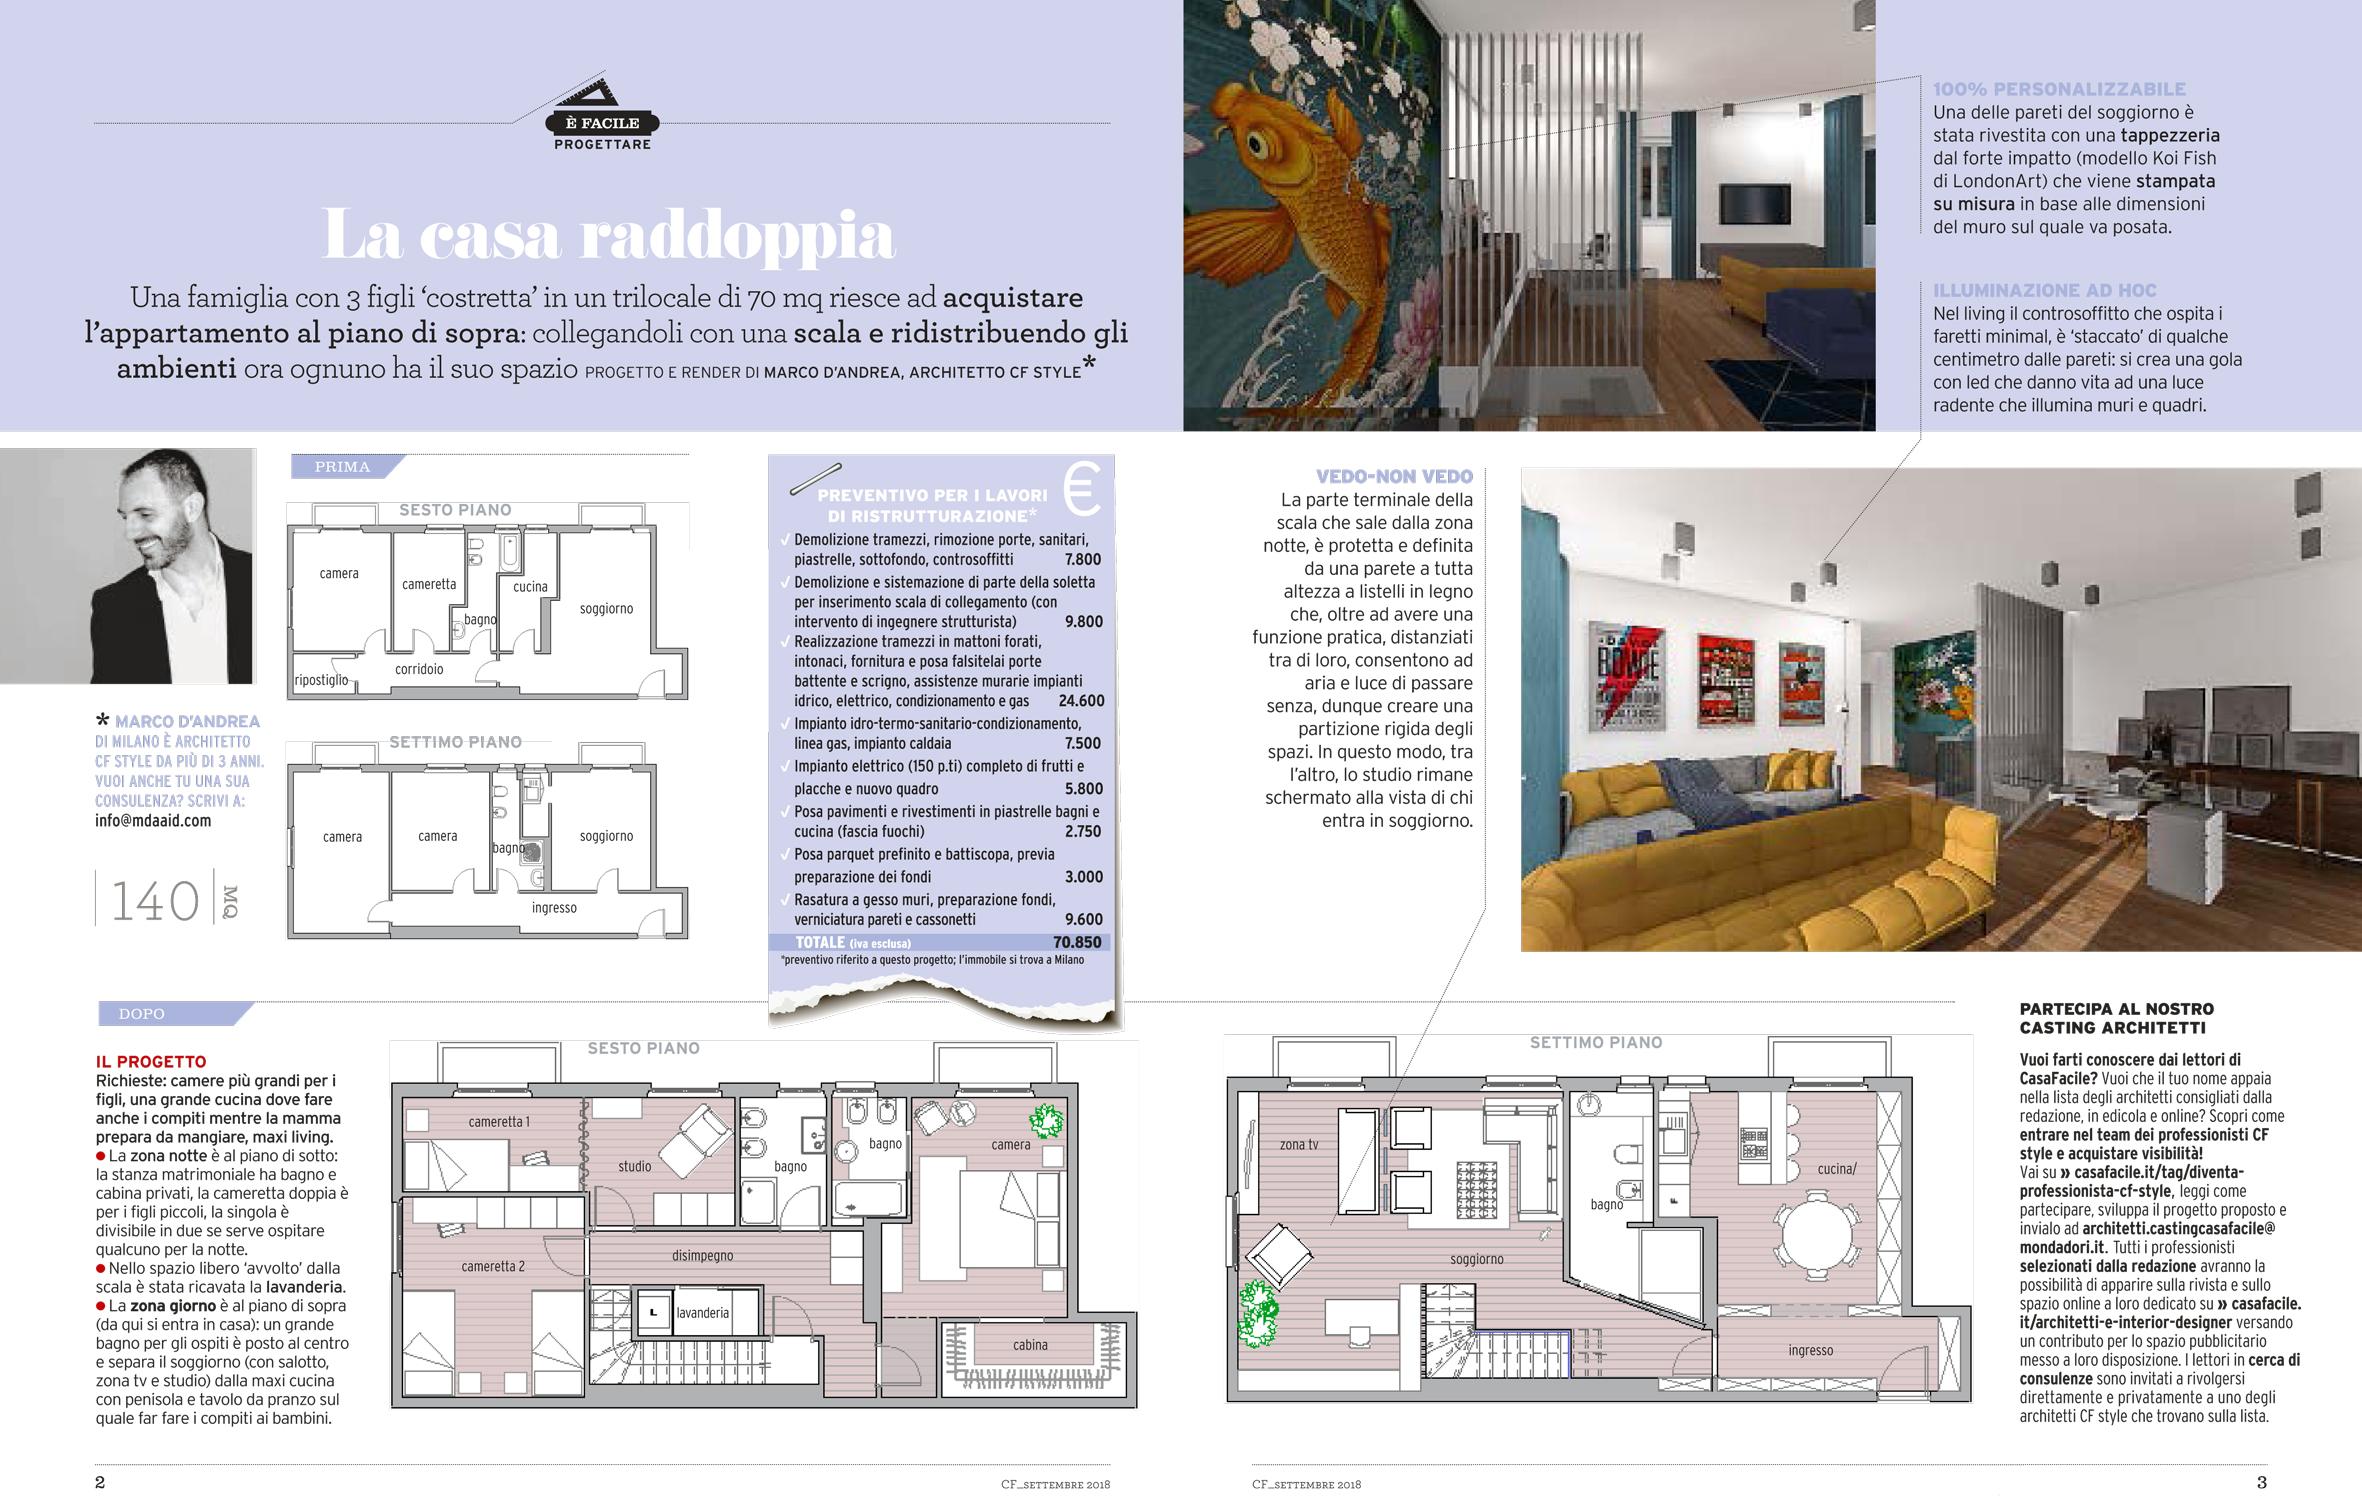 La casa raddoppia : il progetto di ristrutturazione dell'architetto Marco D'Andrea pubblicato su Casa Facile di settembre 2018